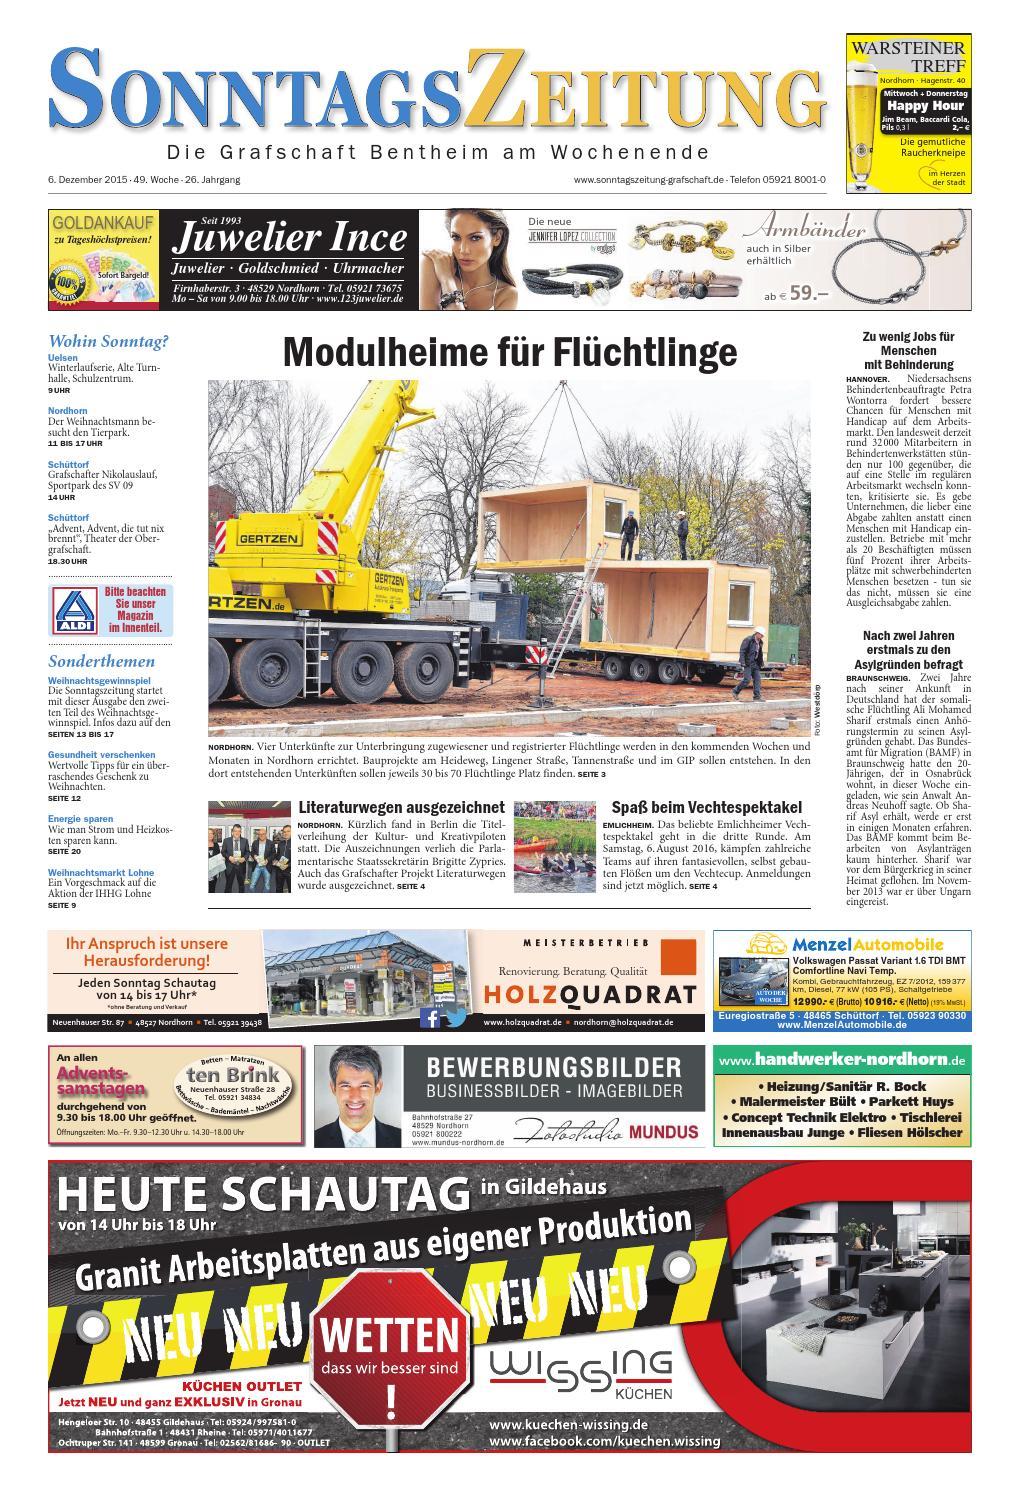 Full Size of Sonntagszeitung 06122015 By Relaxsessel Garten Aldi Wohnzimmer Küchenläufer Aldi